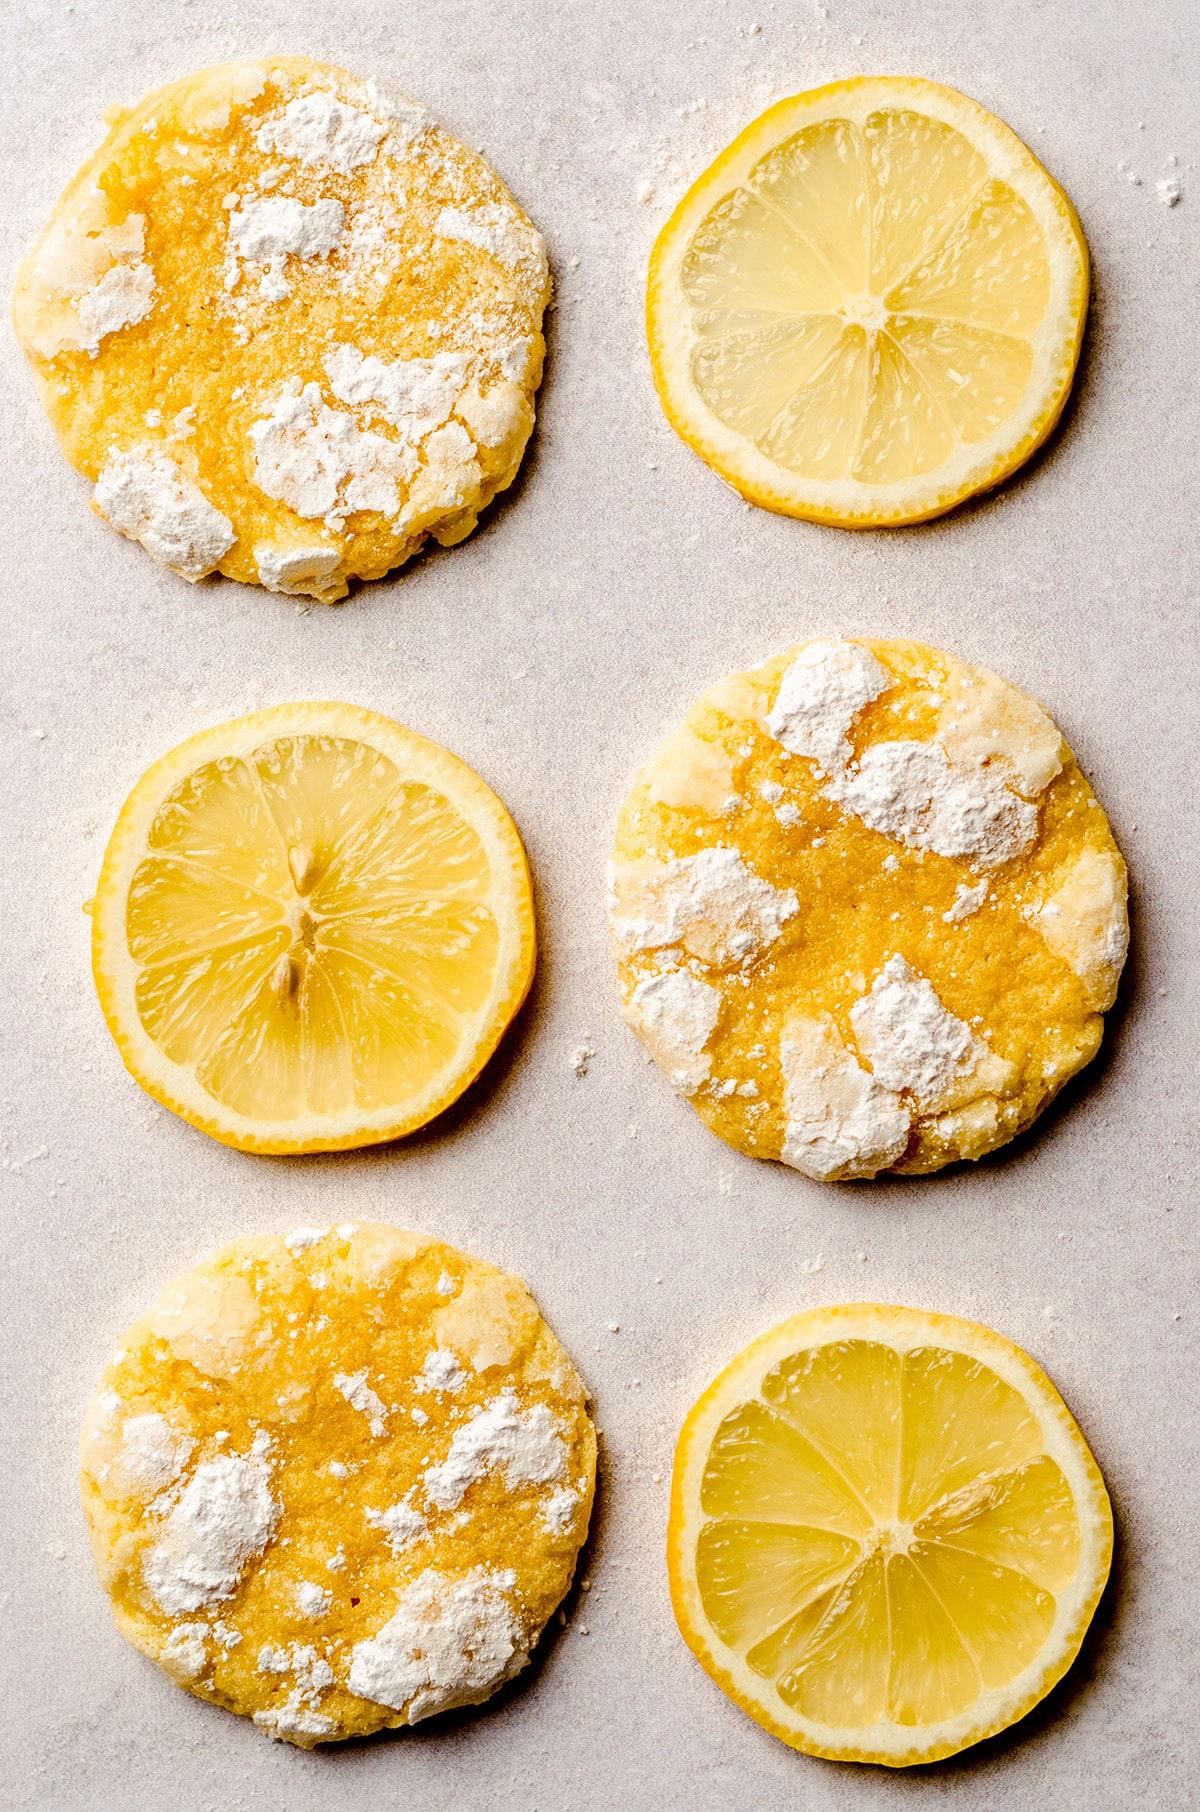 lemon crinkle cookies alternating with slices of lemon